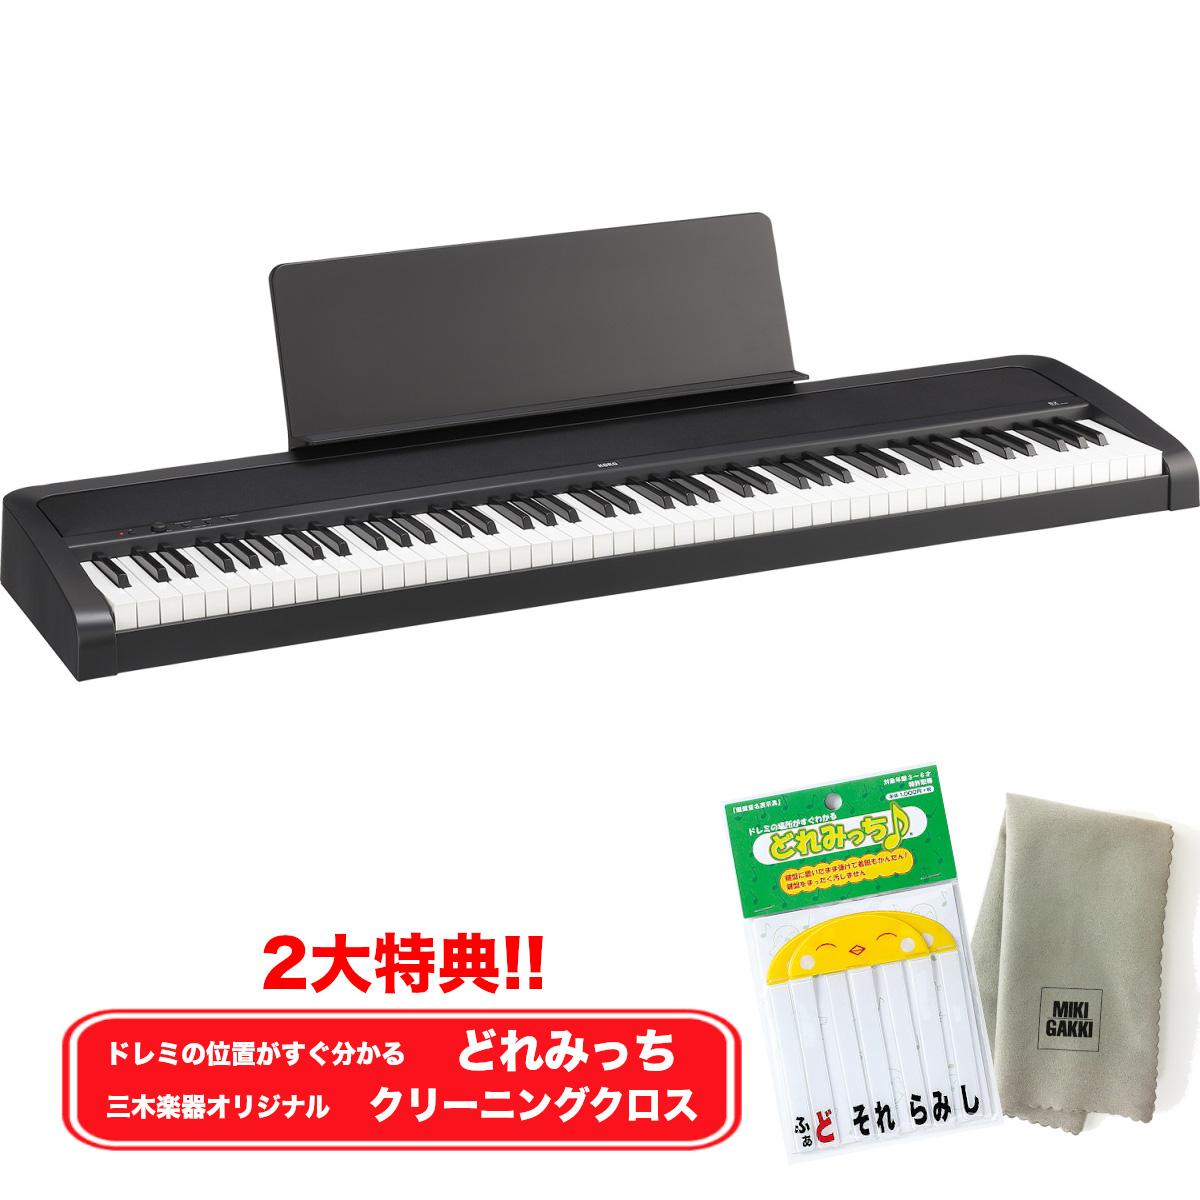 KORG 電子ピアノ B2 BK 88鍵 ブラック お子様に嬉しい2大特典付き どれみっち 特製クロスプレゼント 《送料無料》